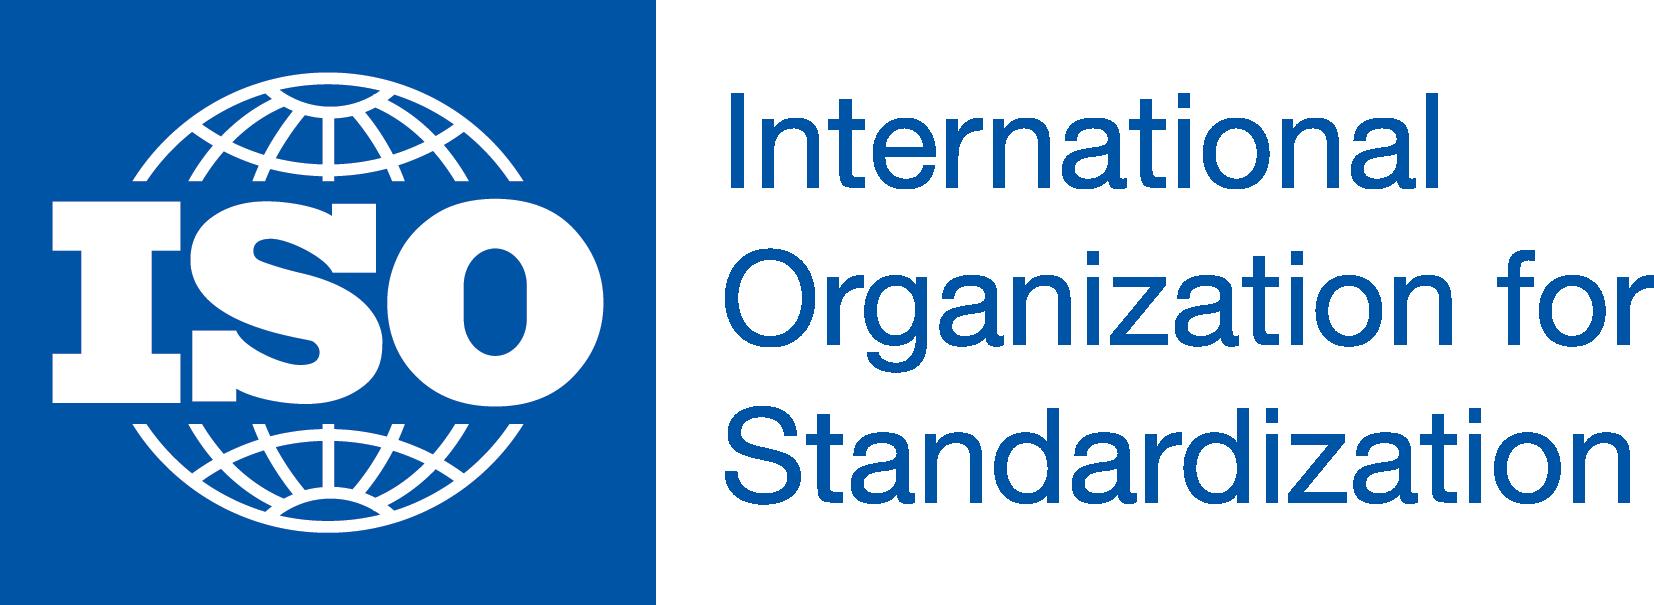 استاندارهای جهانی ISO